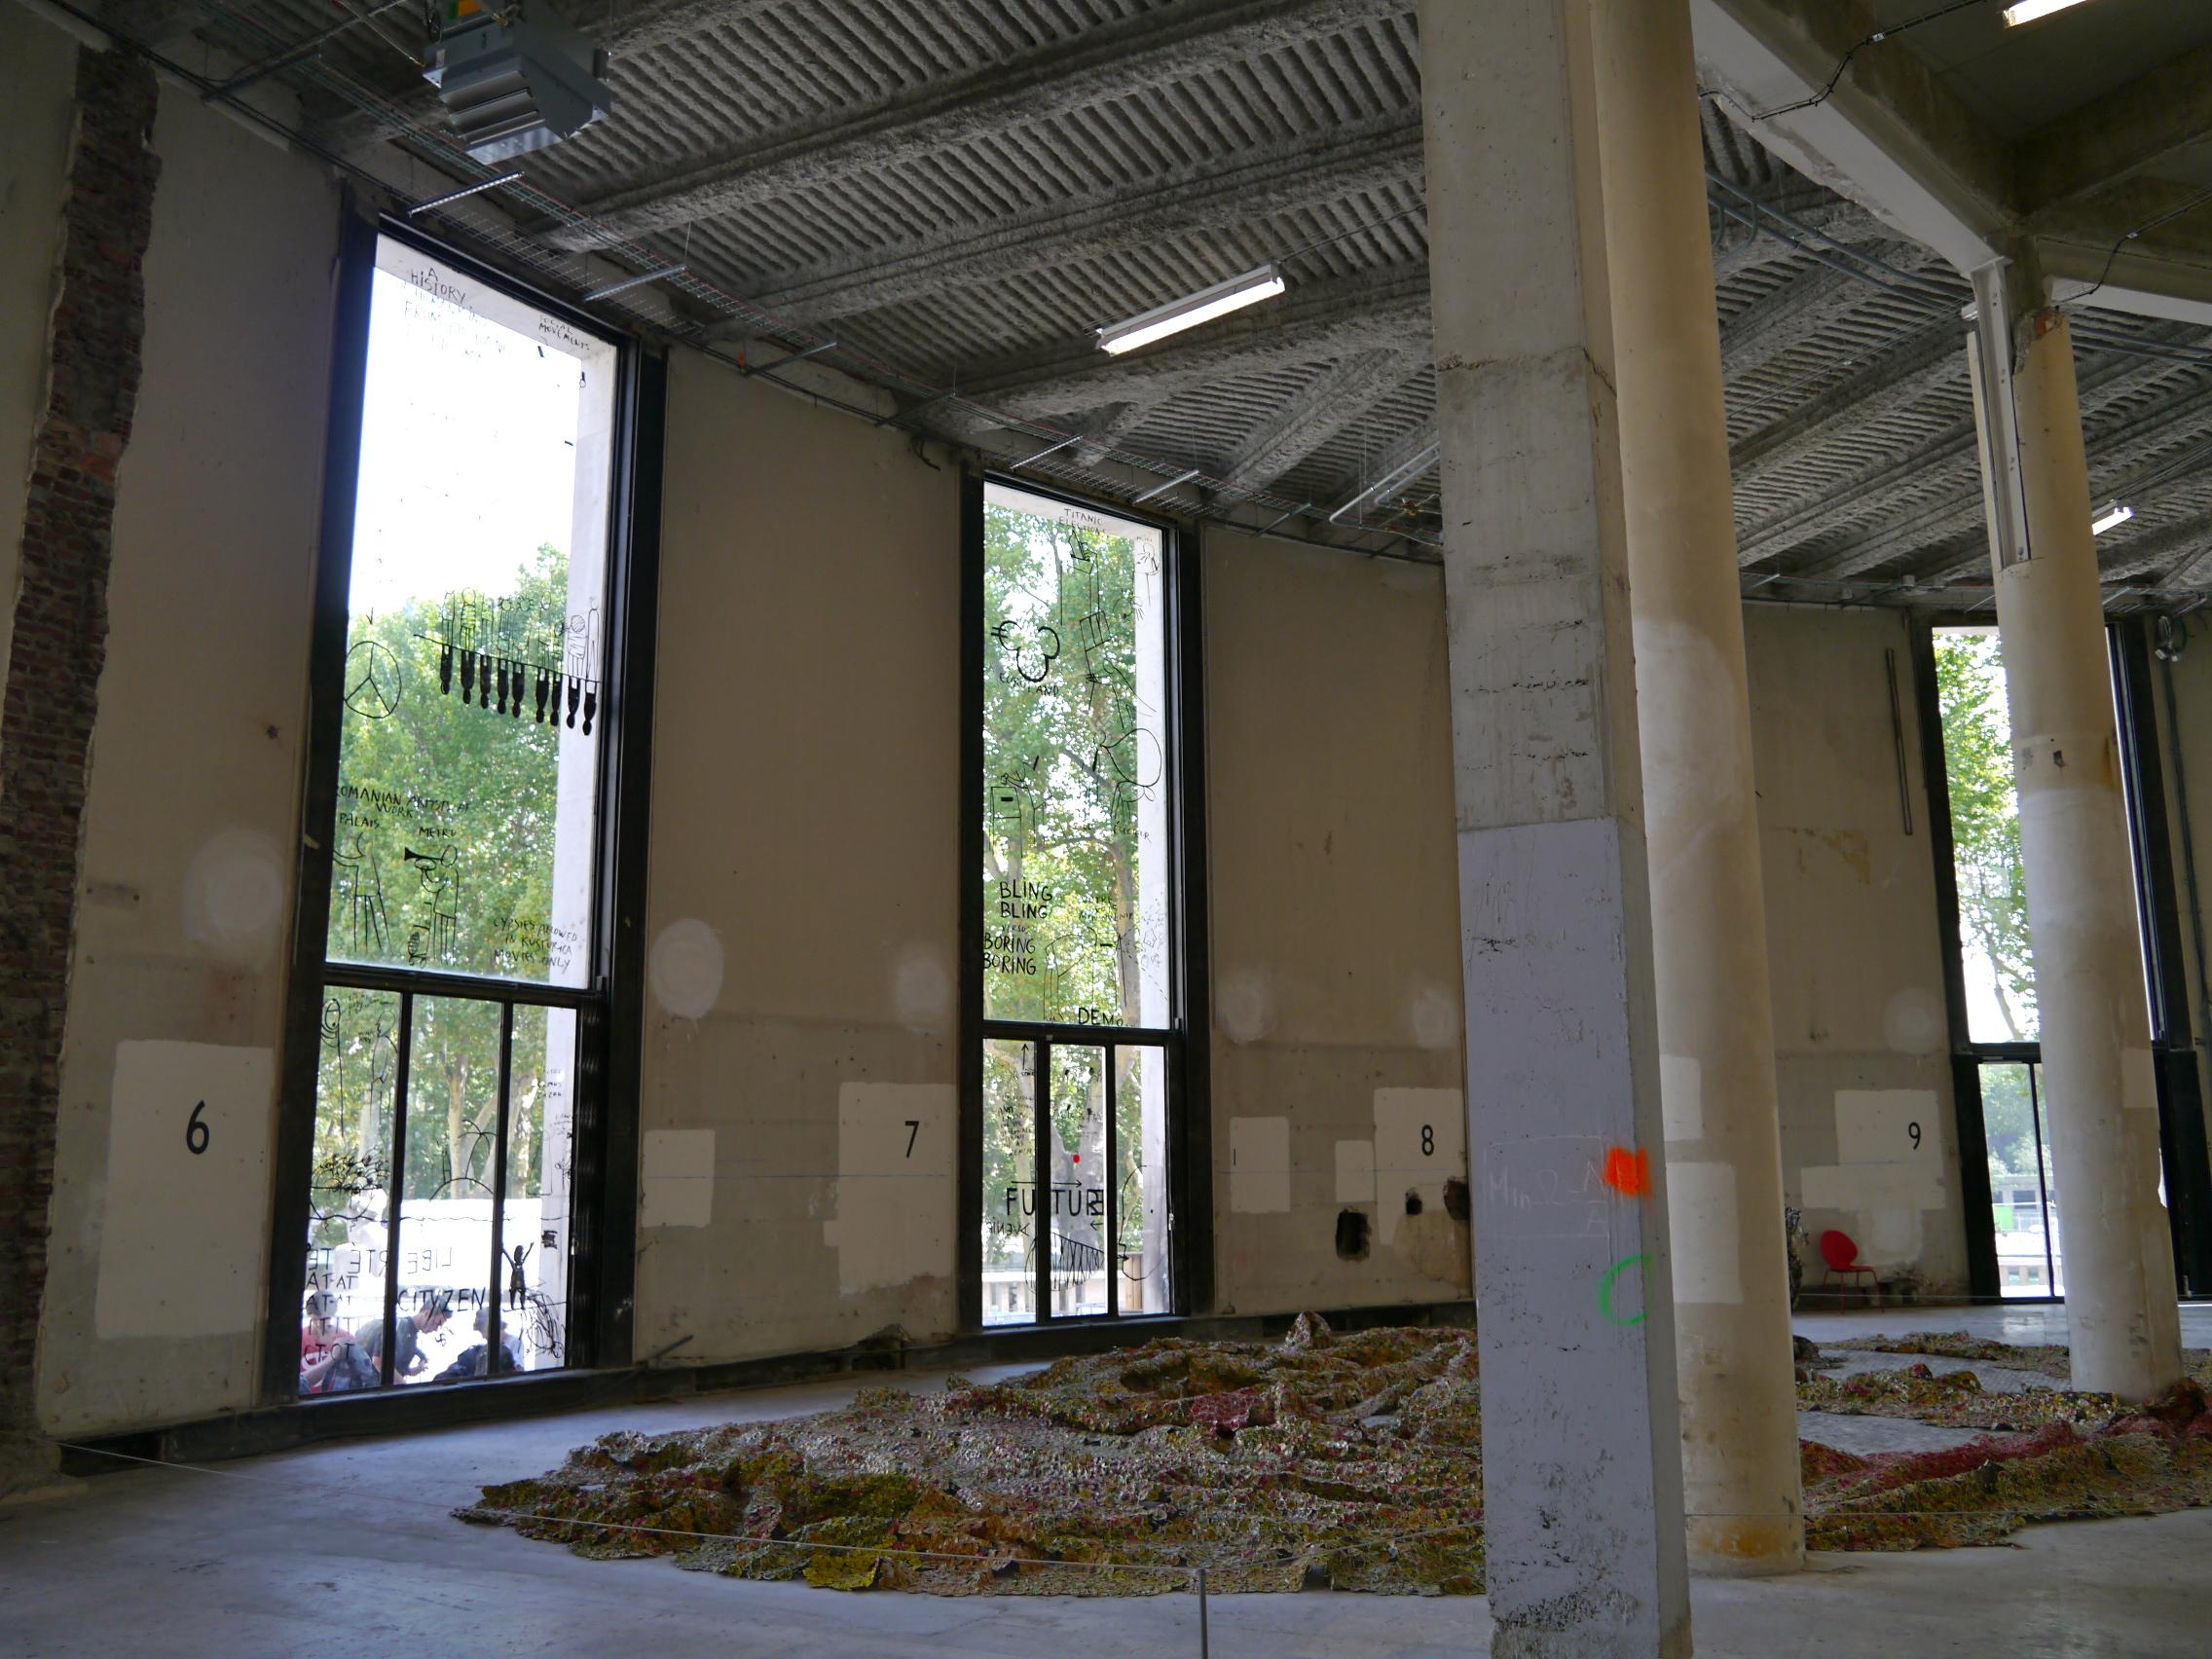 The new 39 deconstructed 39 palais de tokyo toothpicnations - Maison de tokyo paris ...